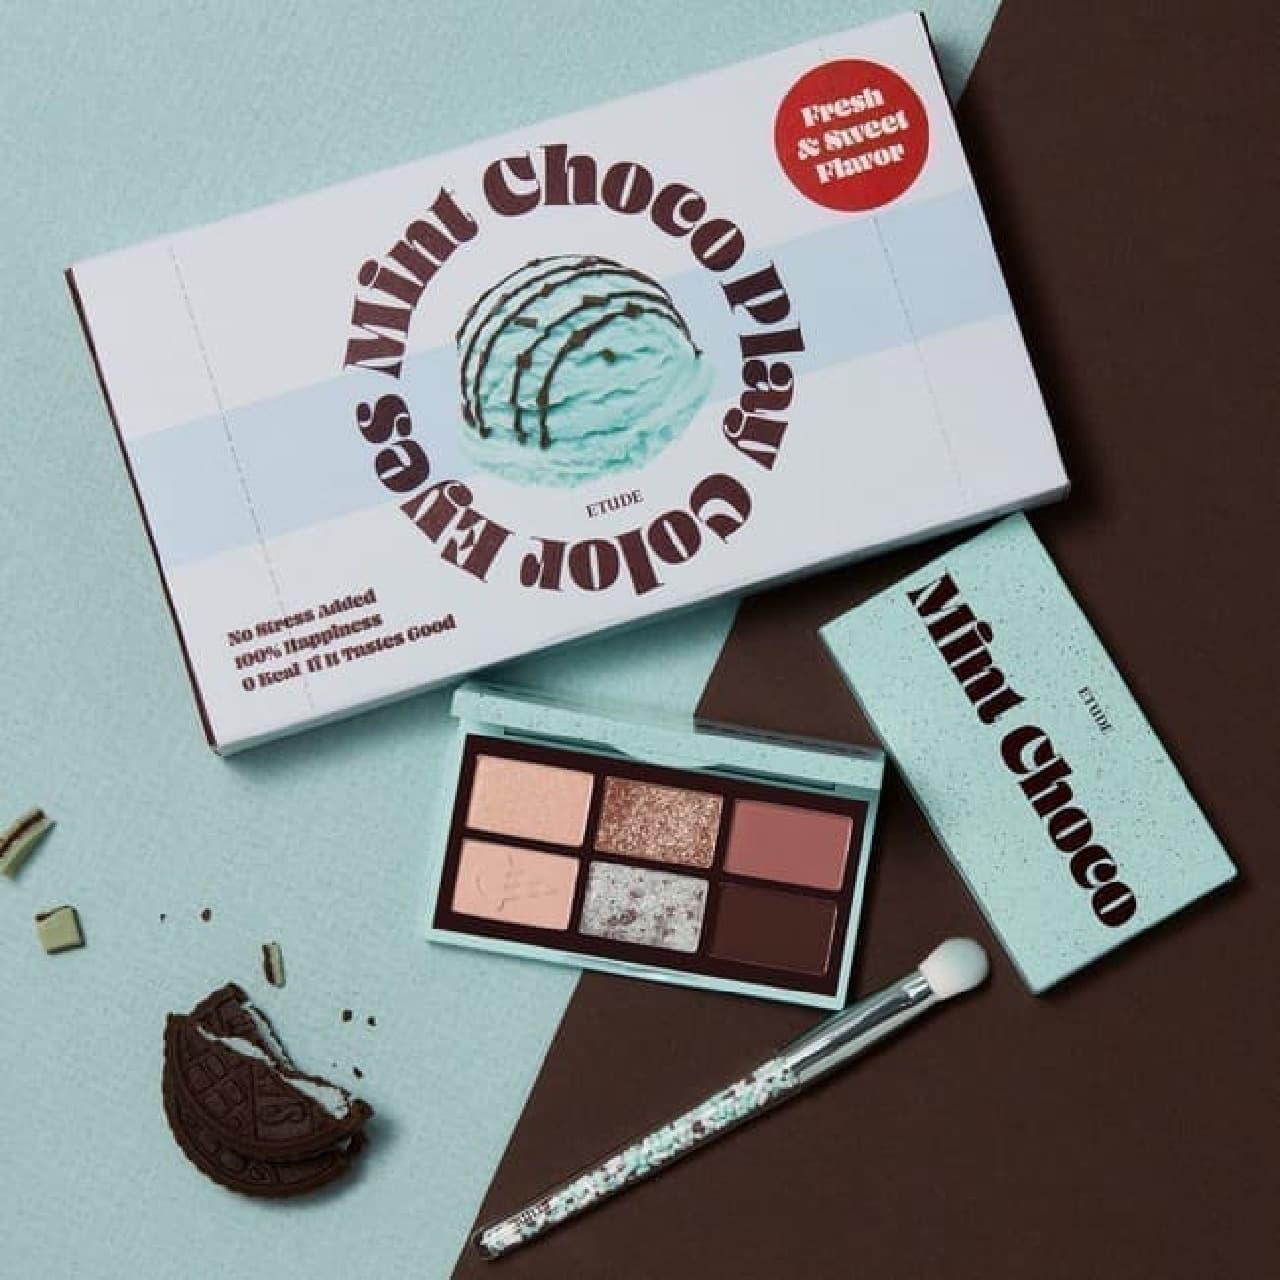 エチュードハウス「プレイカラーアイズミニ チョコミント」「チョコミント スペシャルキット」